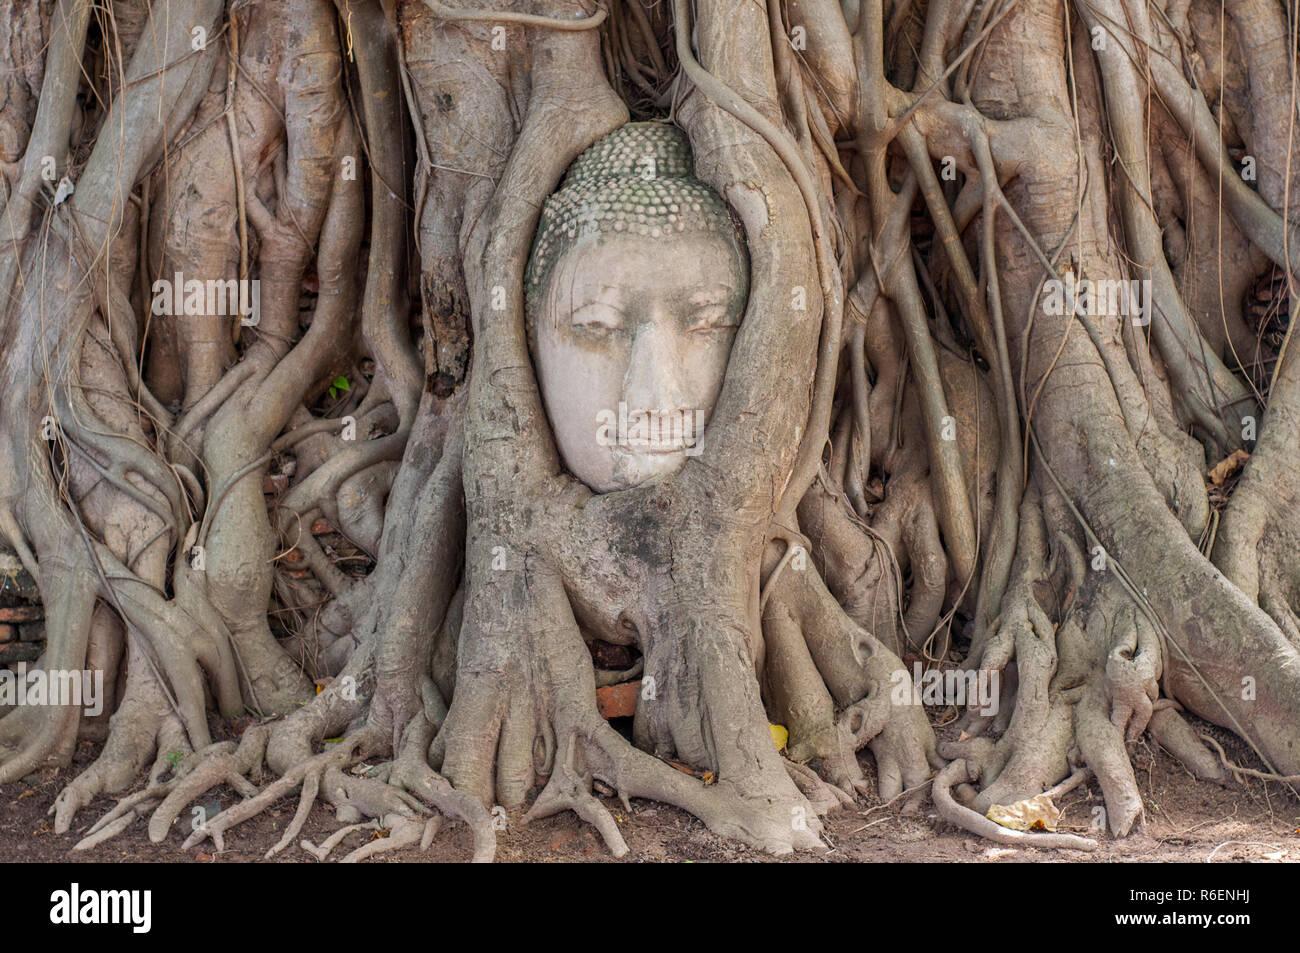 Grande tête de Bouddha en pierre dans Fig Tree Roots, Wat Mahathat, Ayutthaya, Thaïlande, Asie du Sud, Asie Banque D'Images